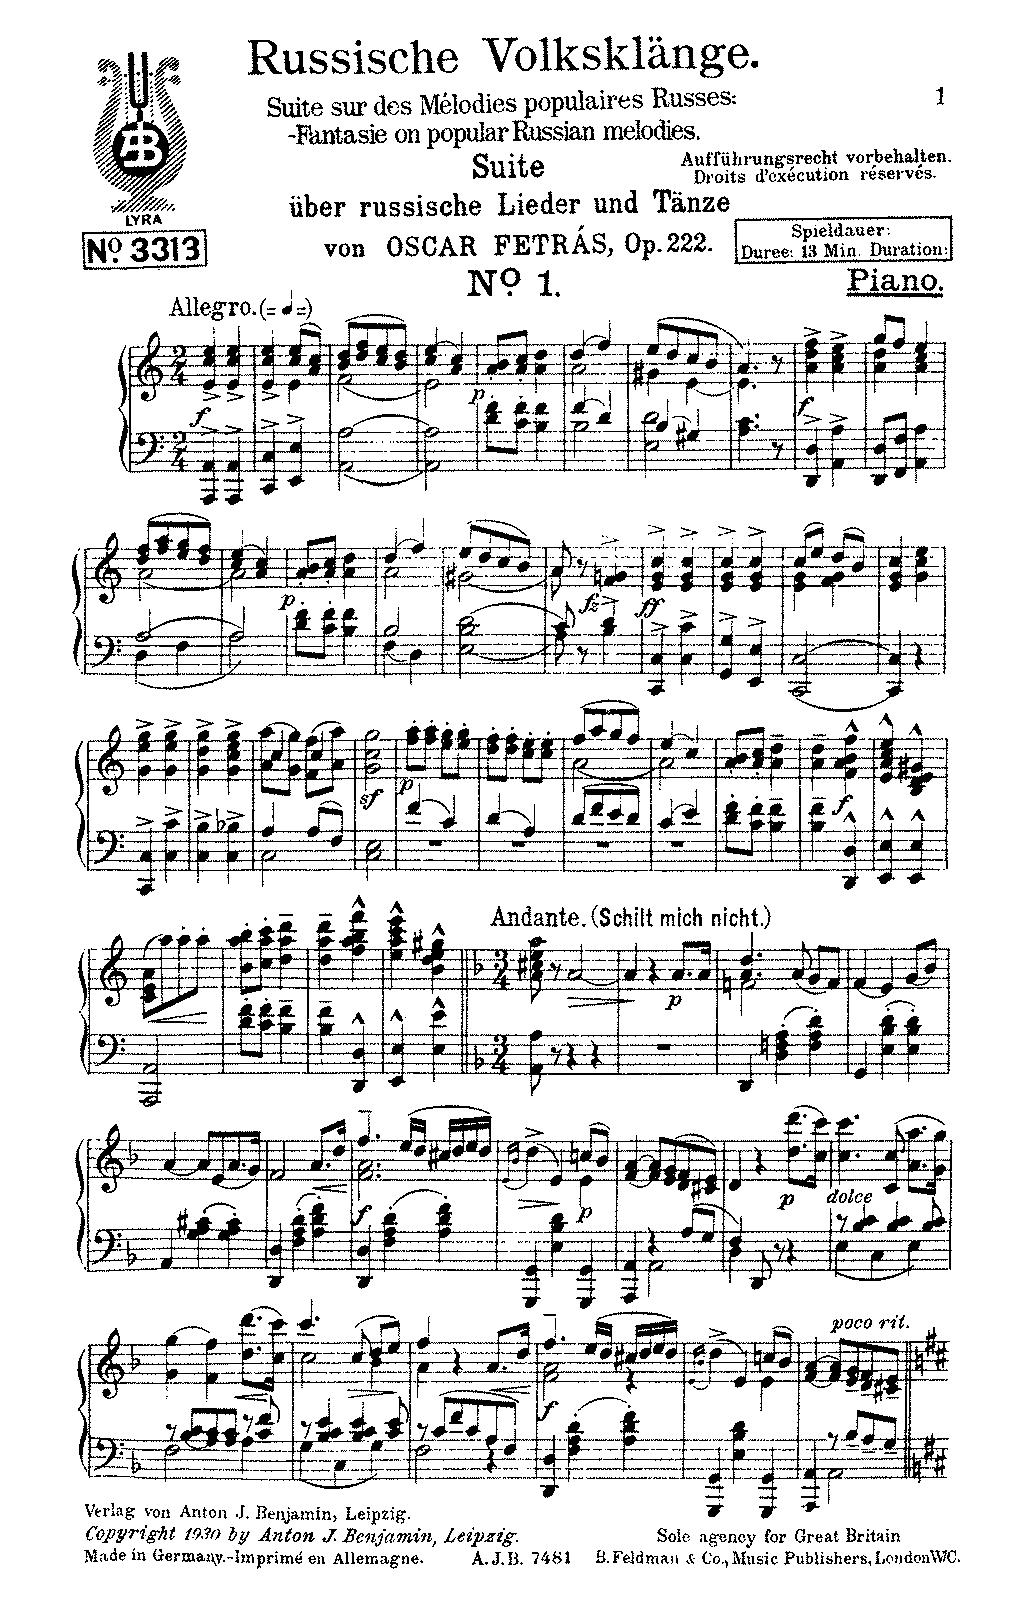 Russische Volksklänge, Op 222 (Fetrás, Oscar) - IMSLP/Petrucci Music